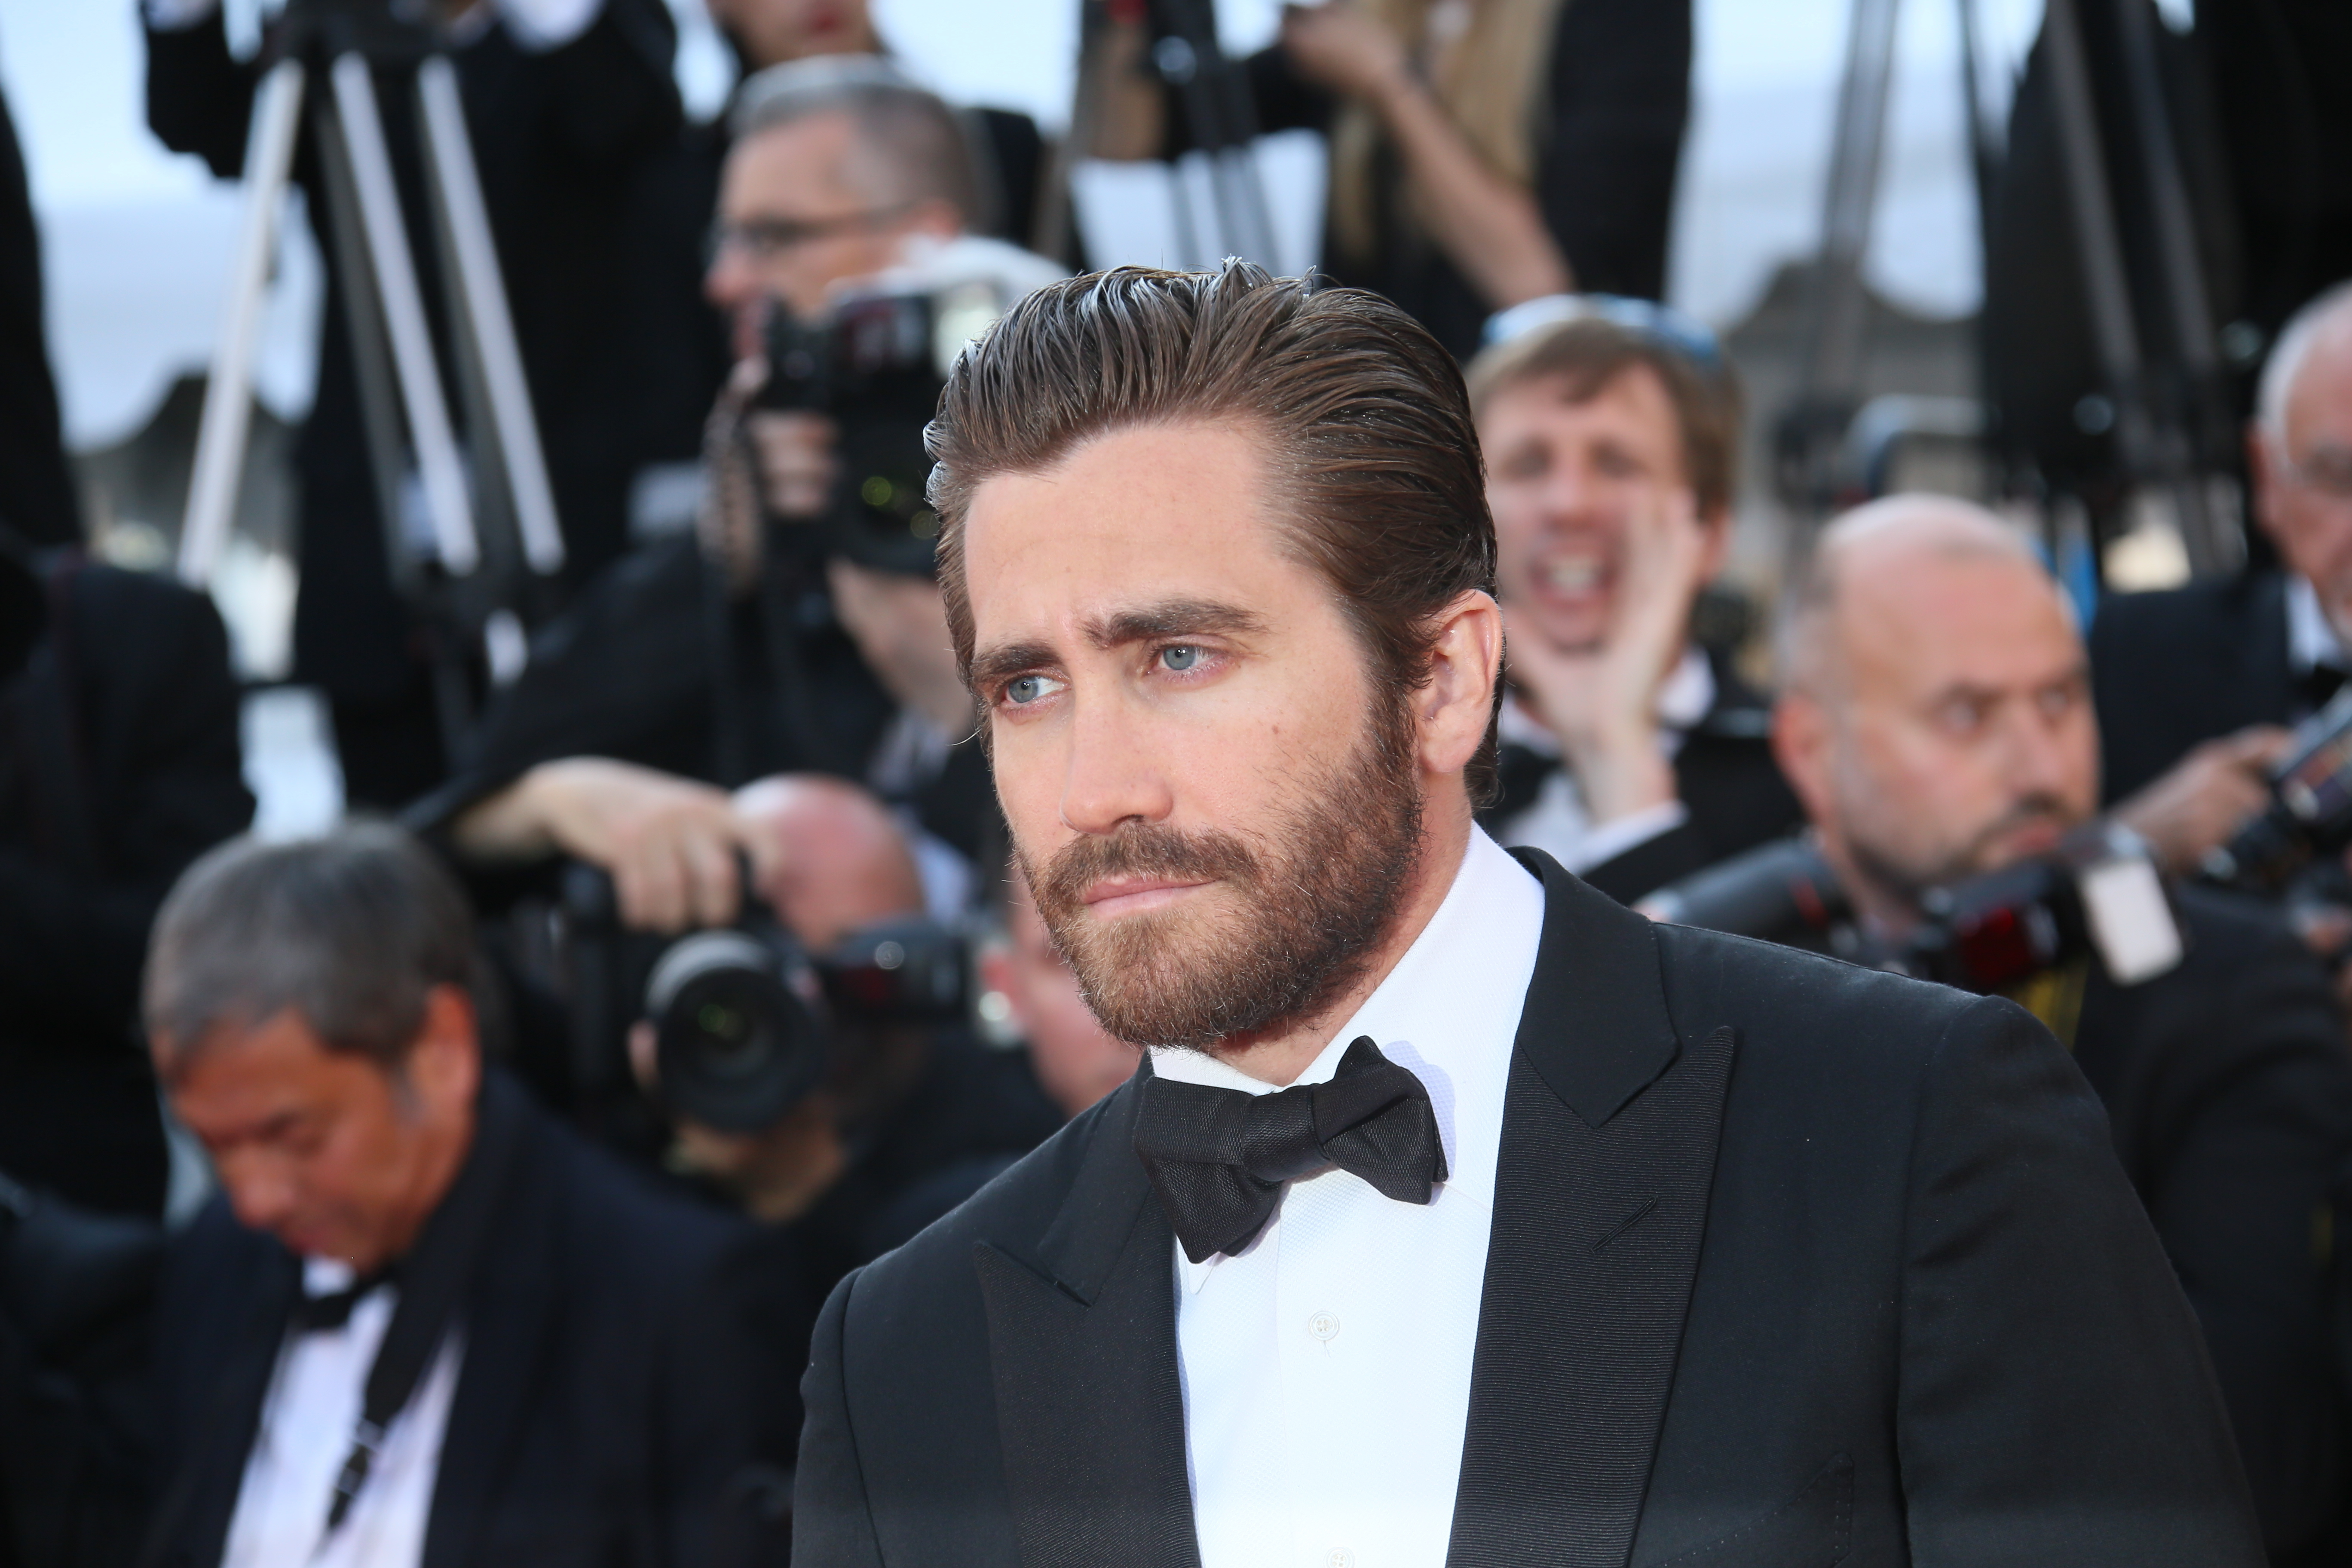 Lecciones de moda del famoso actor Jake Gyllenhaal